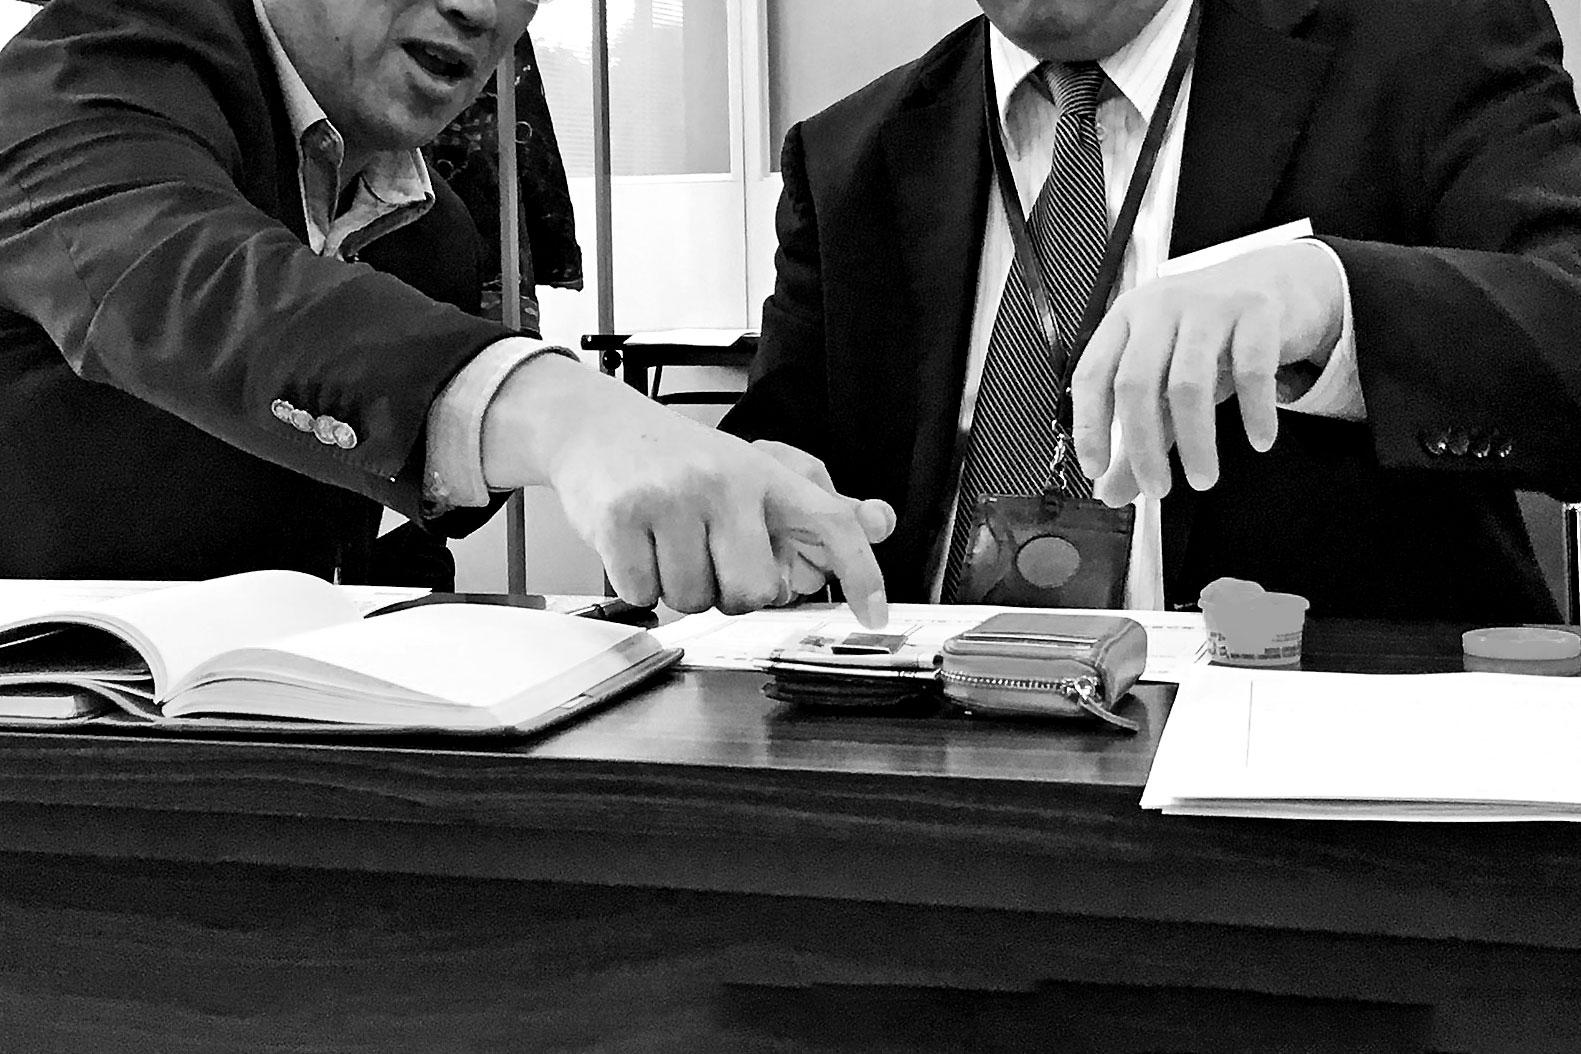 【共謀罪】節税の相談が処罰対象に?